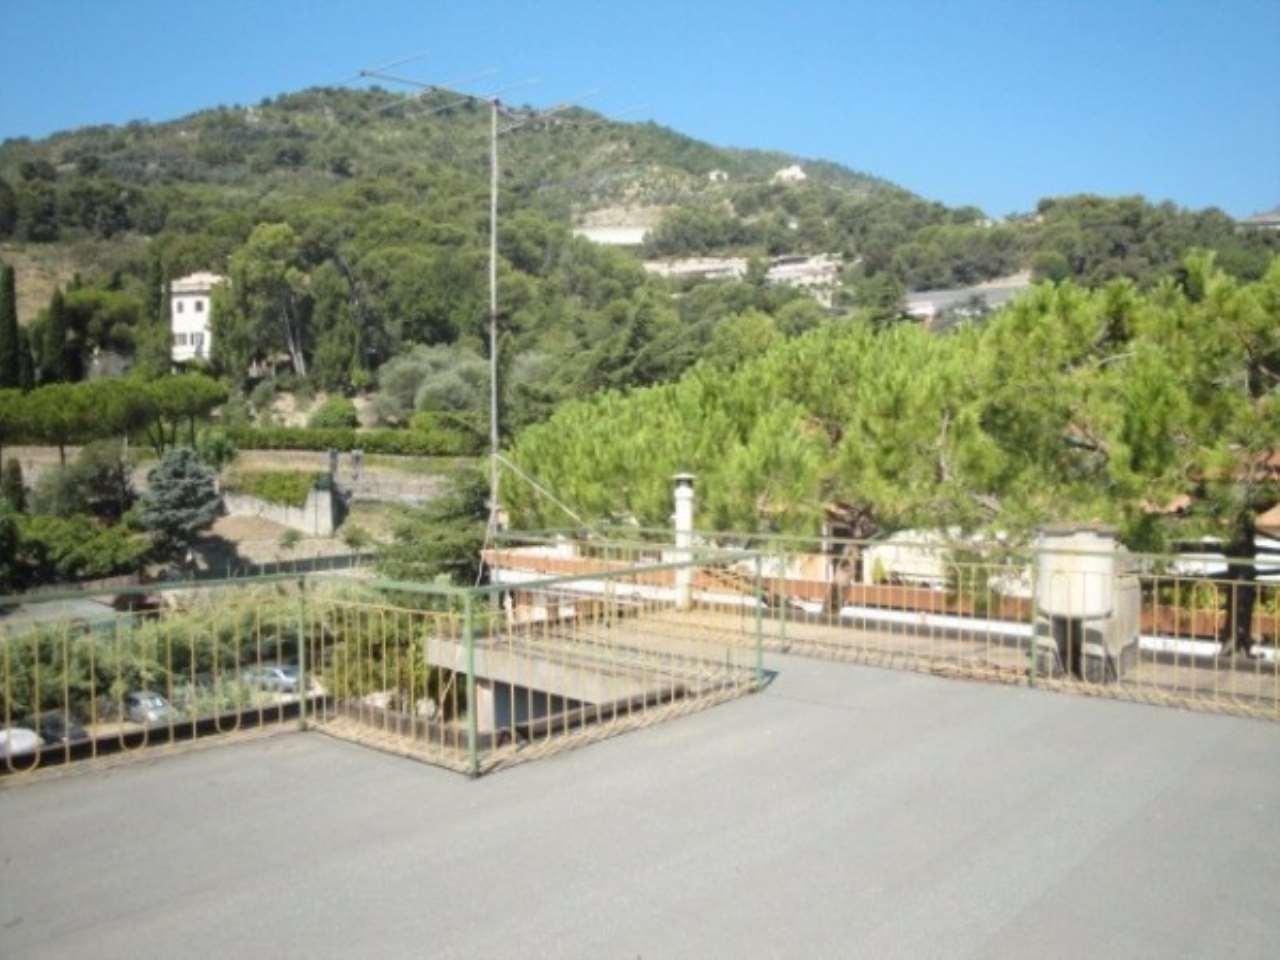 Terreno residenziale in Vendita a Ventimiglia: 400 mq